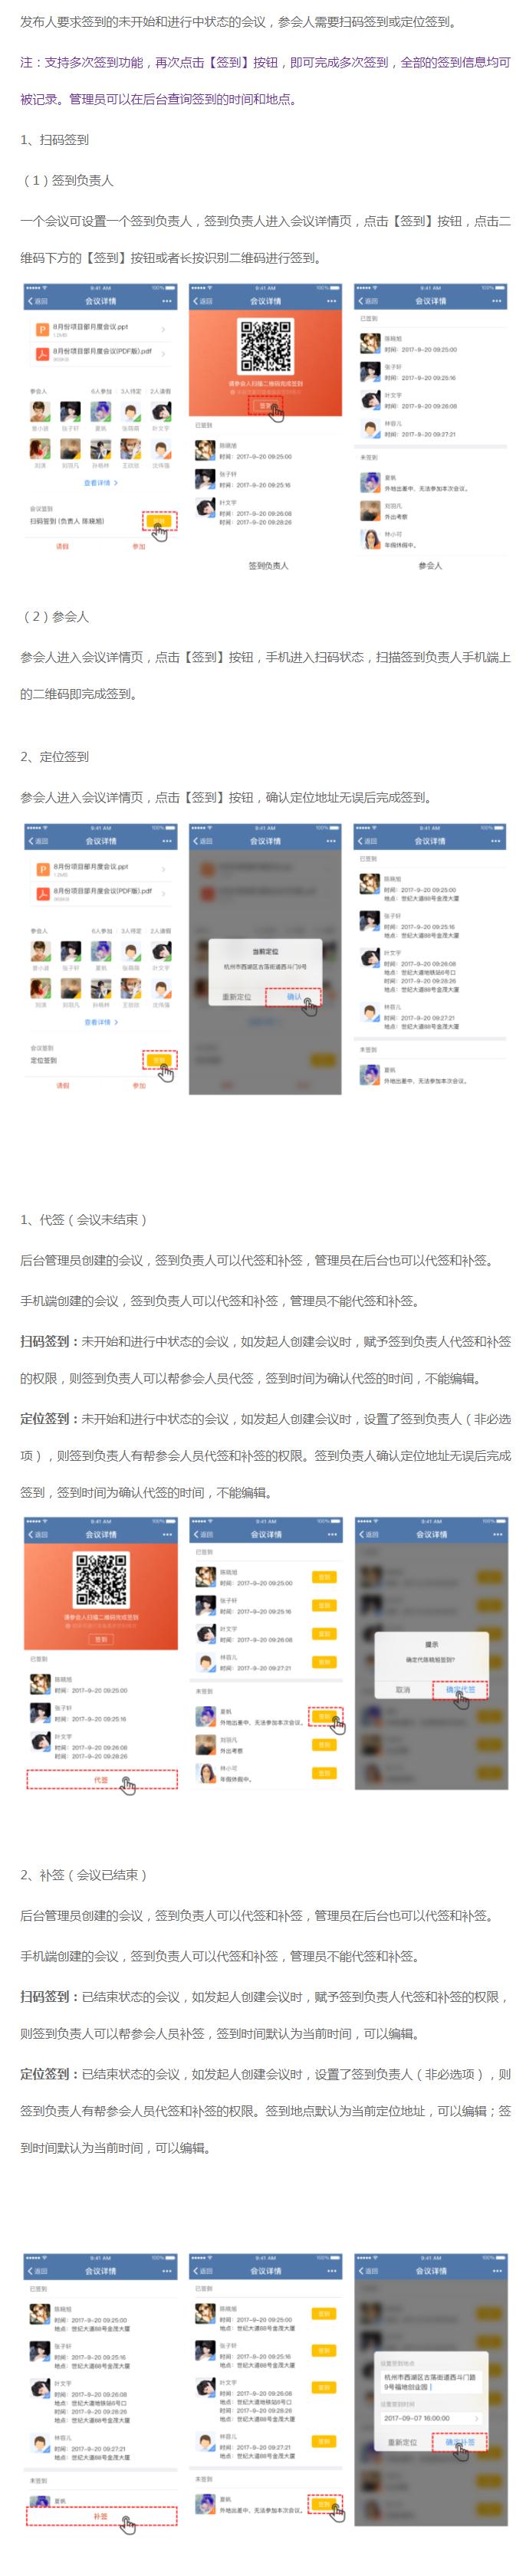 微加智慧党建--【三会一课】微信端会议签到!